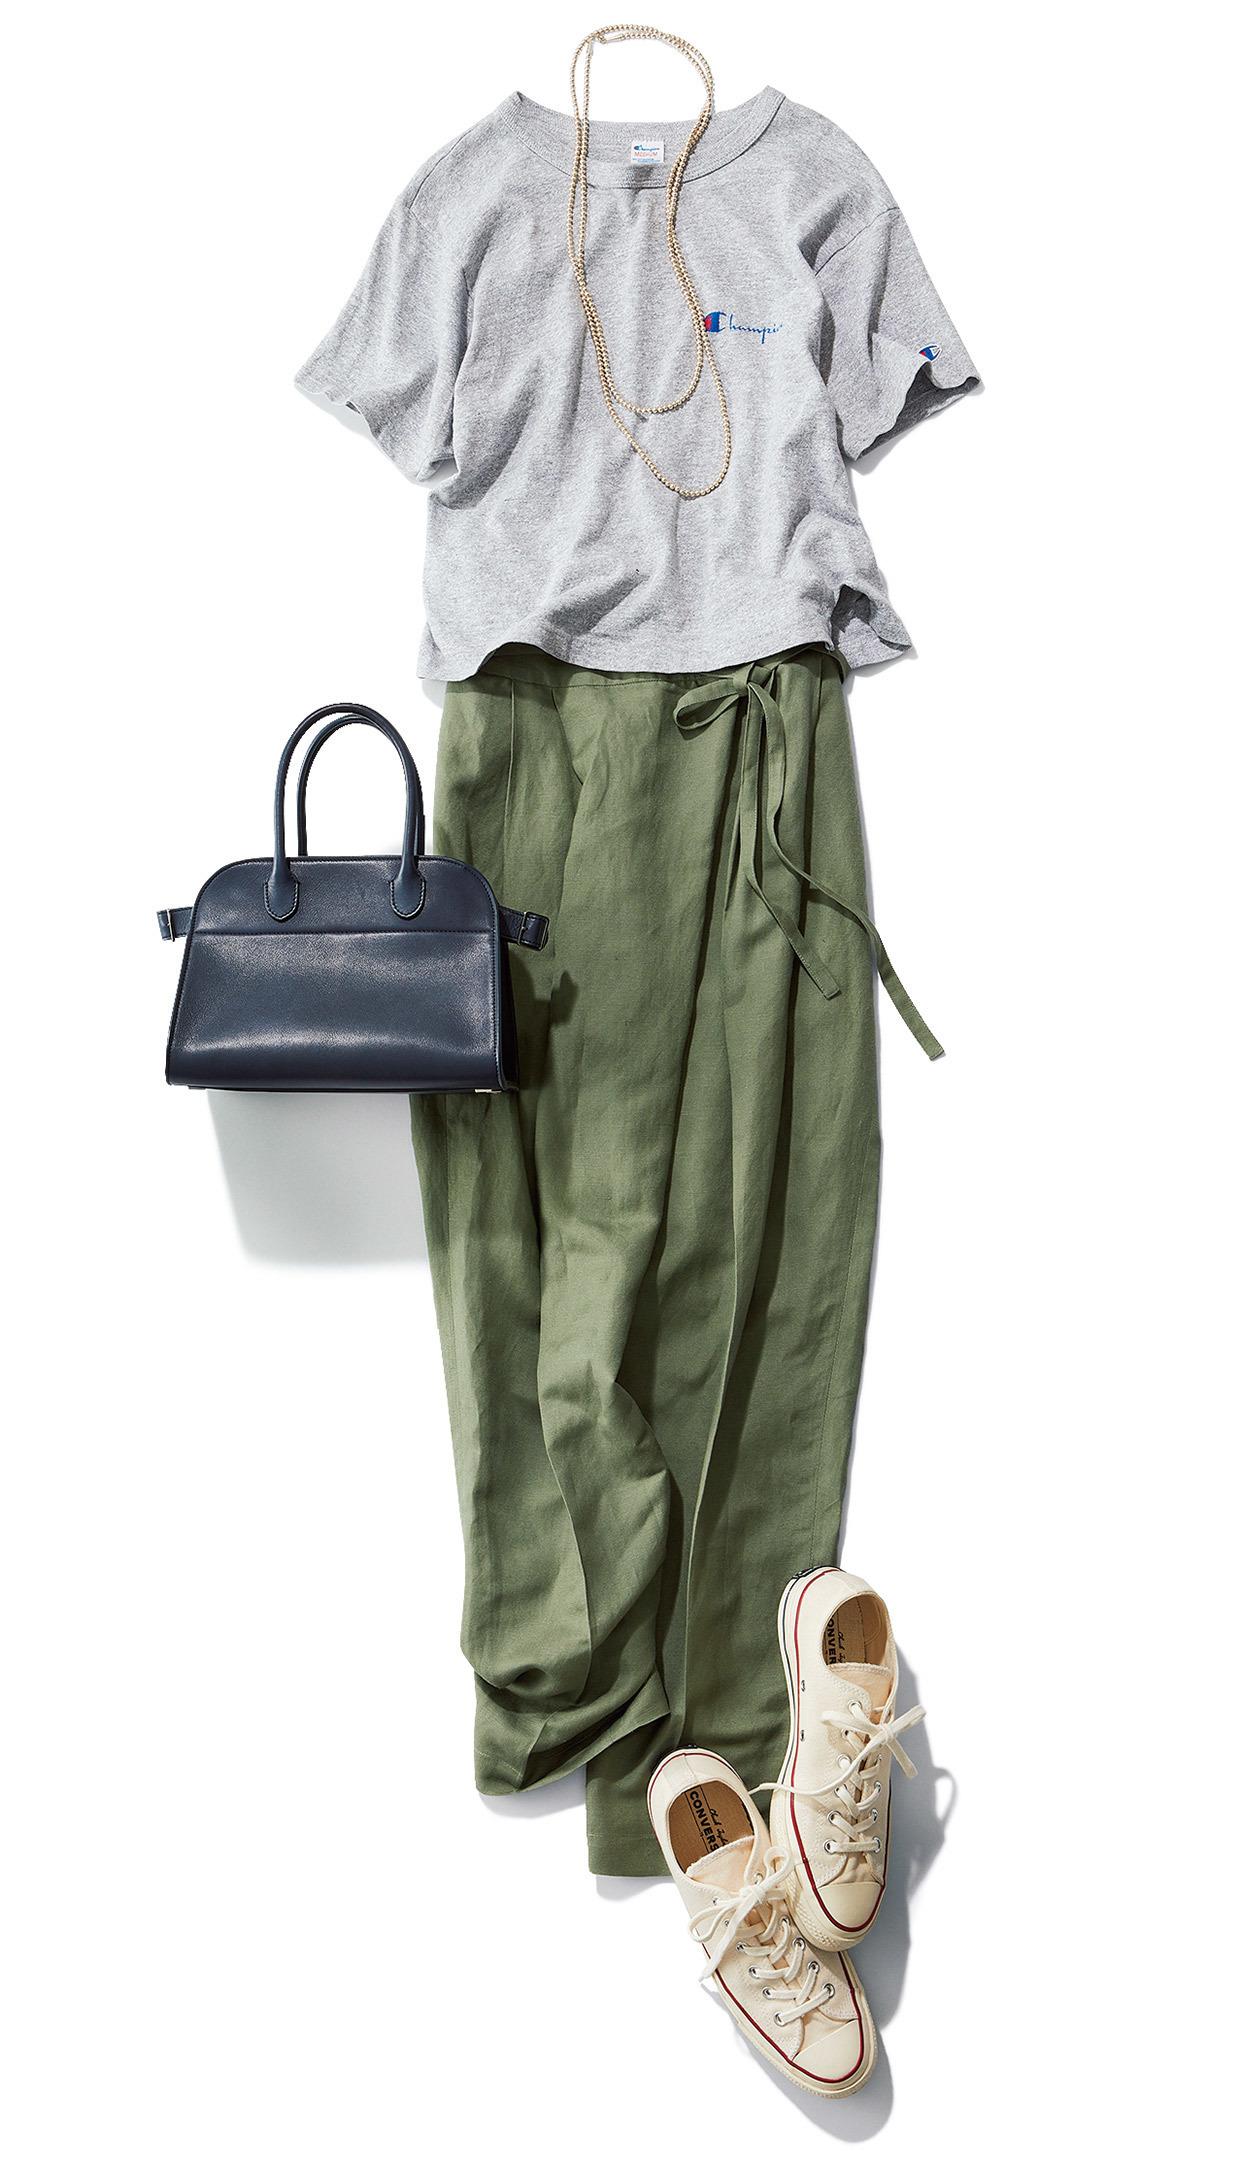 グレーTシャツとカーキのリネンパンツのワンツーコーデ  磯部安伽